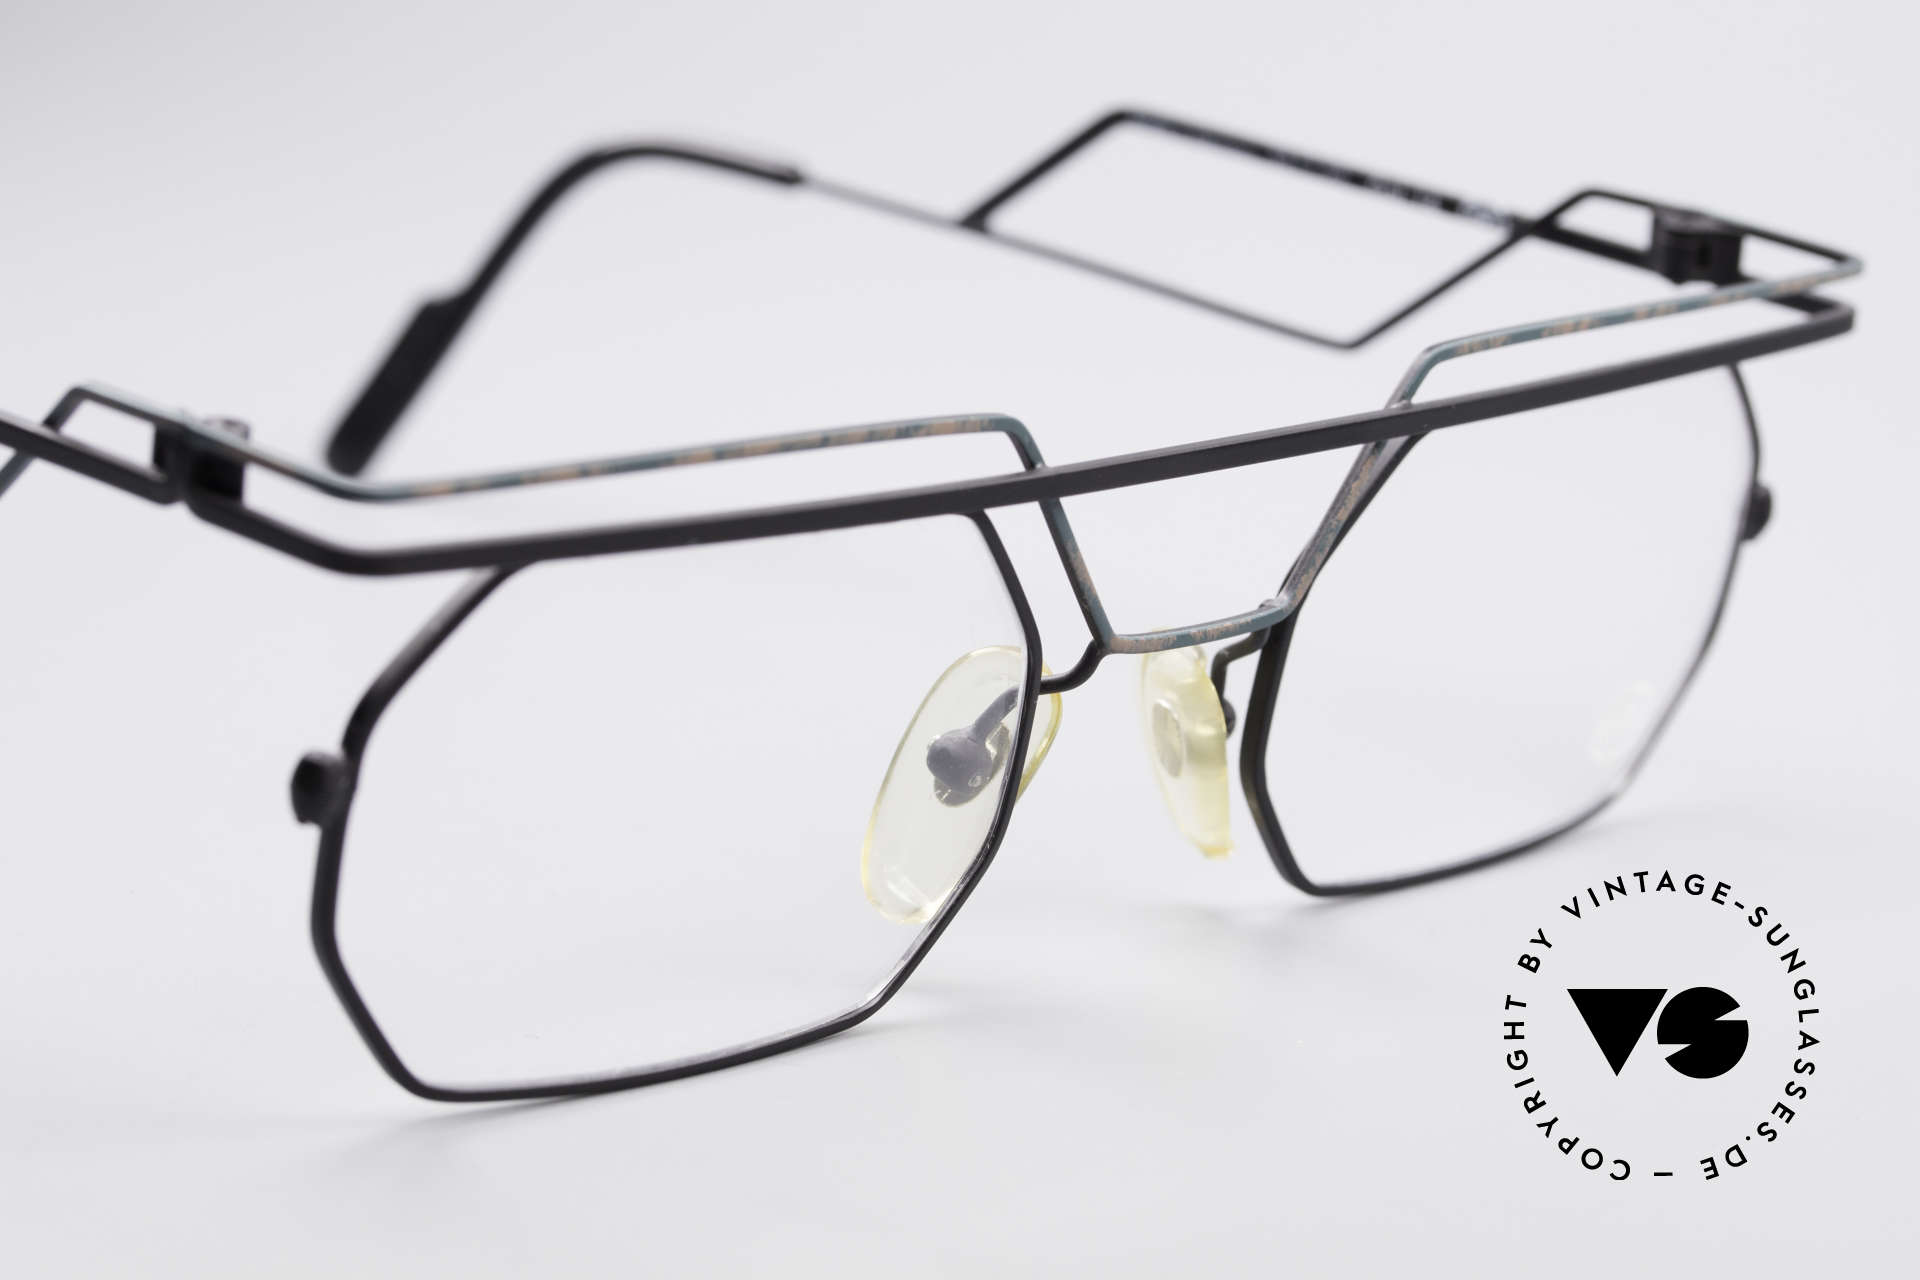 Serge Kirchhofer 1060 Futuristische 60er Brille, echtes Stück Modegeschichte bzw. öster. Zeitgeschichte, Passend für Herren und Damen